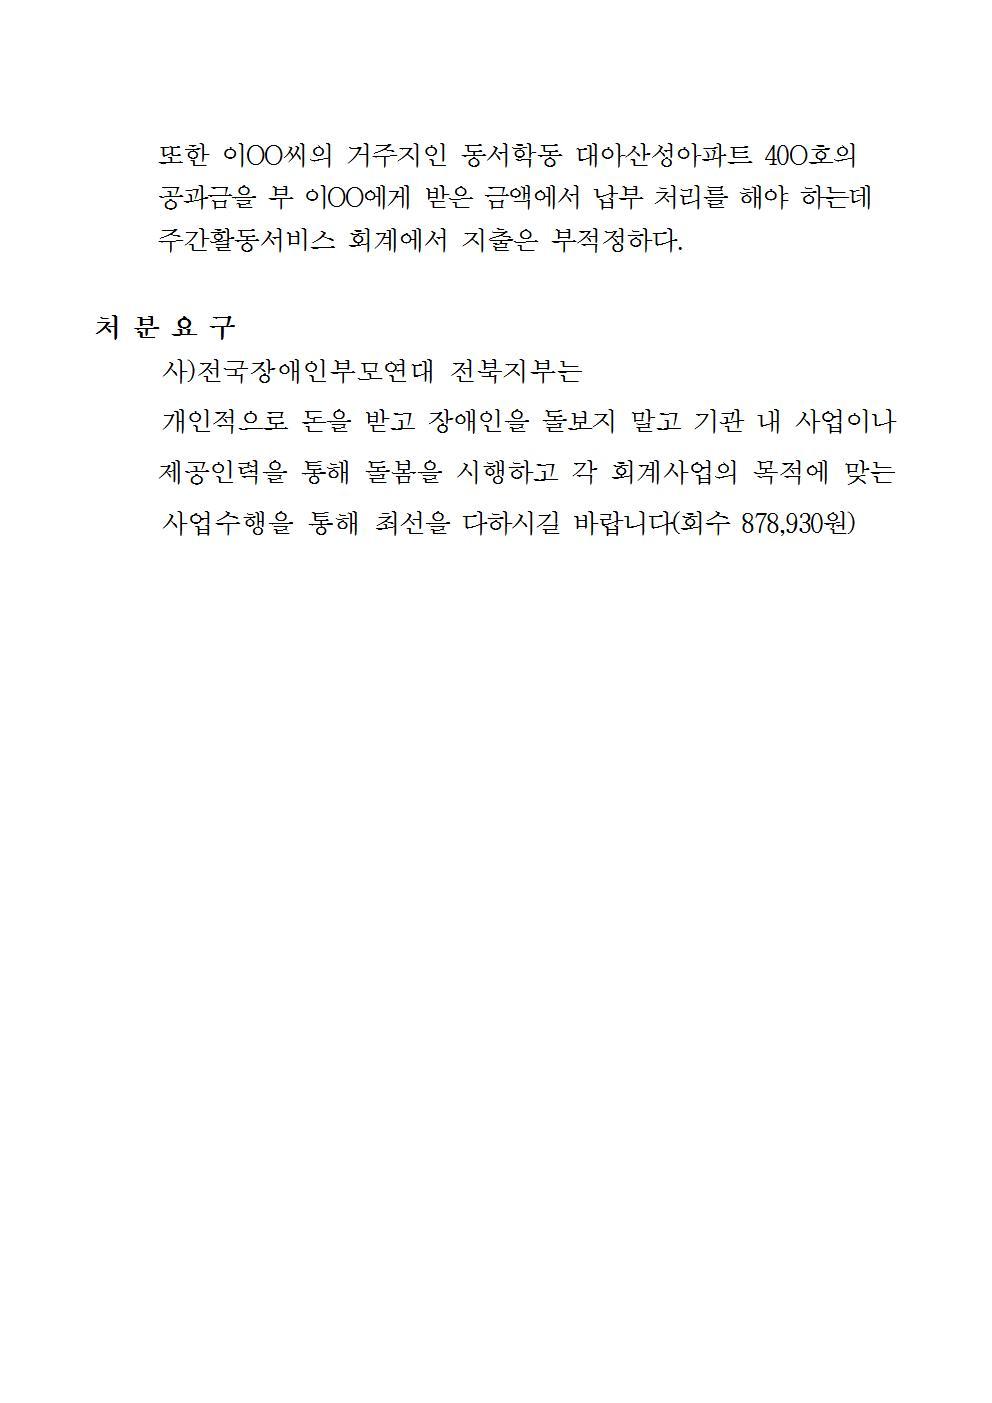 붙임) 처분요구서_전주시 생활복지과-37898(2017.9.1)호(공개용)012.jpg